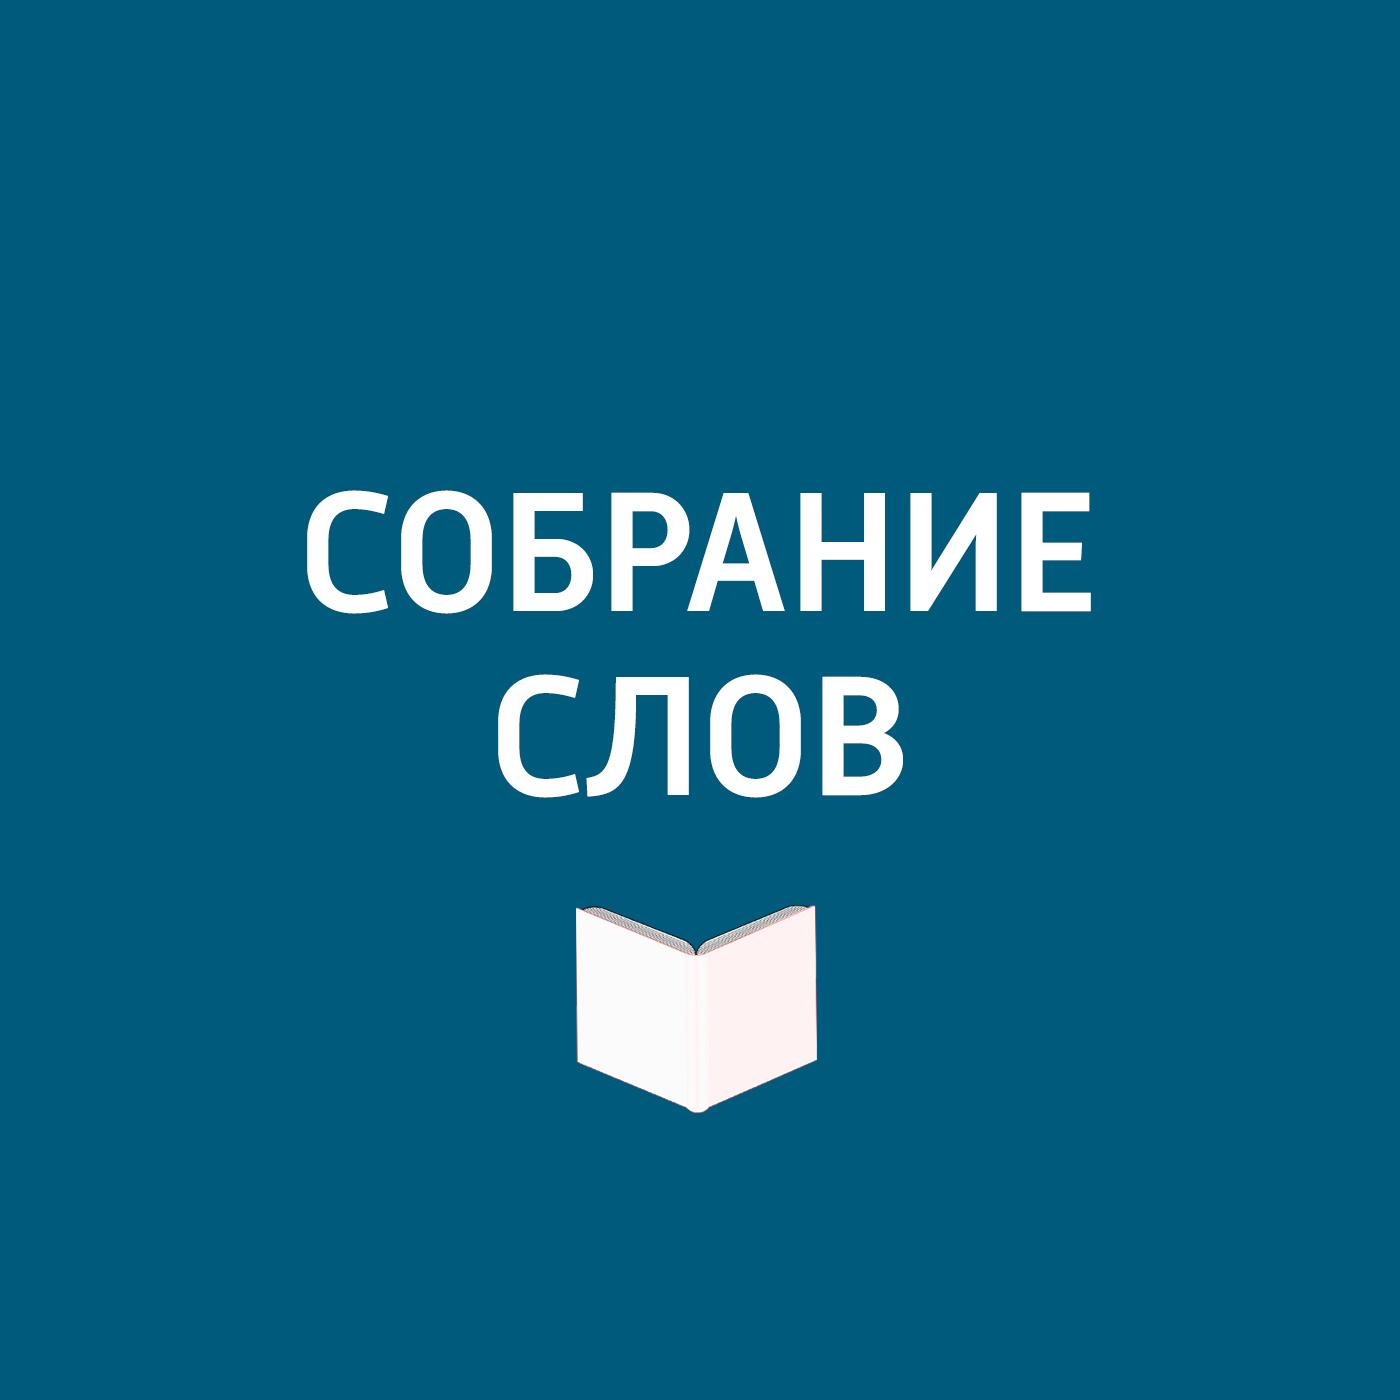 Творческий коллектив программы «Собрание слов» Ко дню рождения Марины Цветаевой